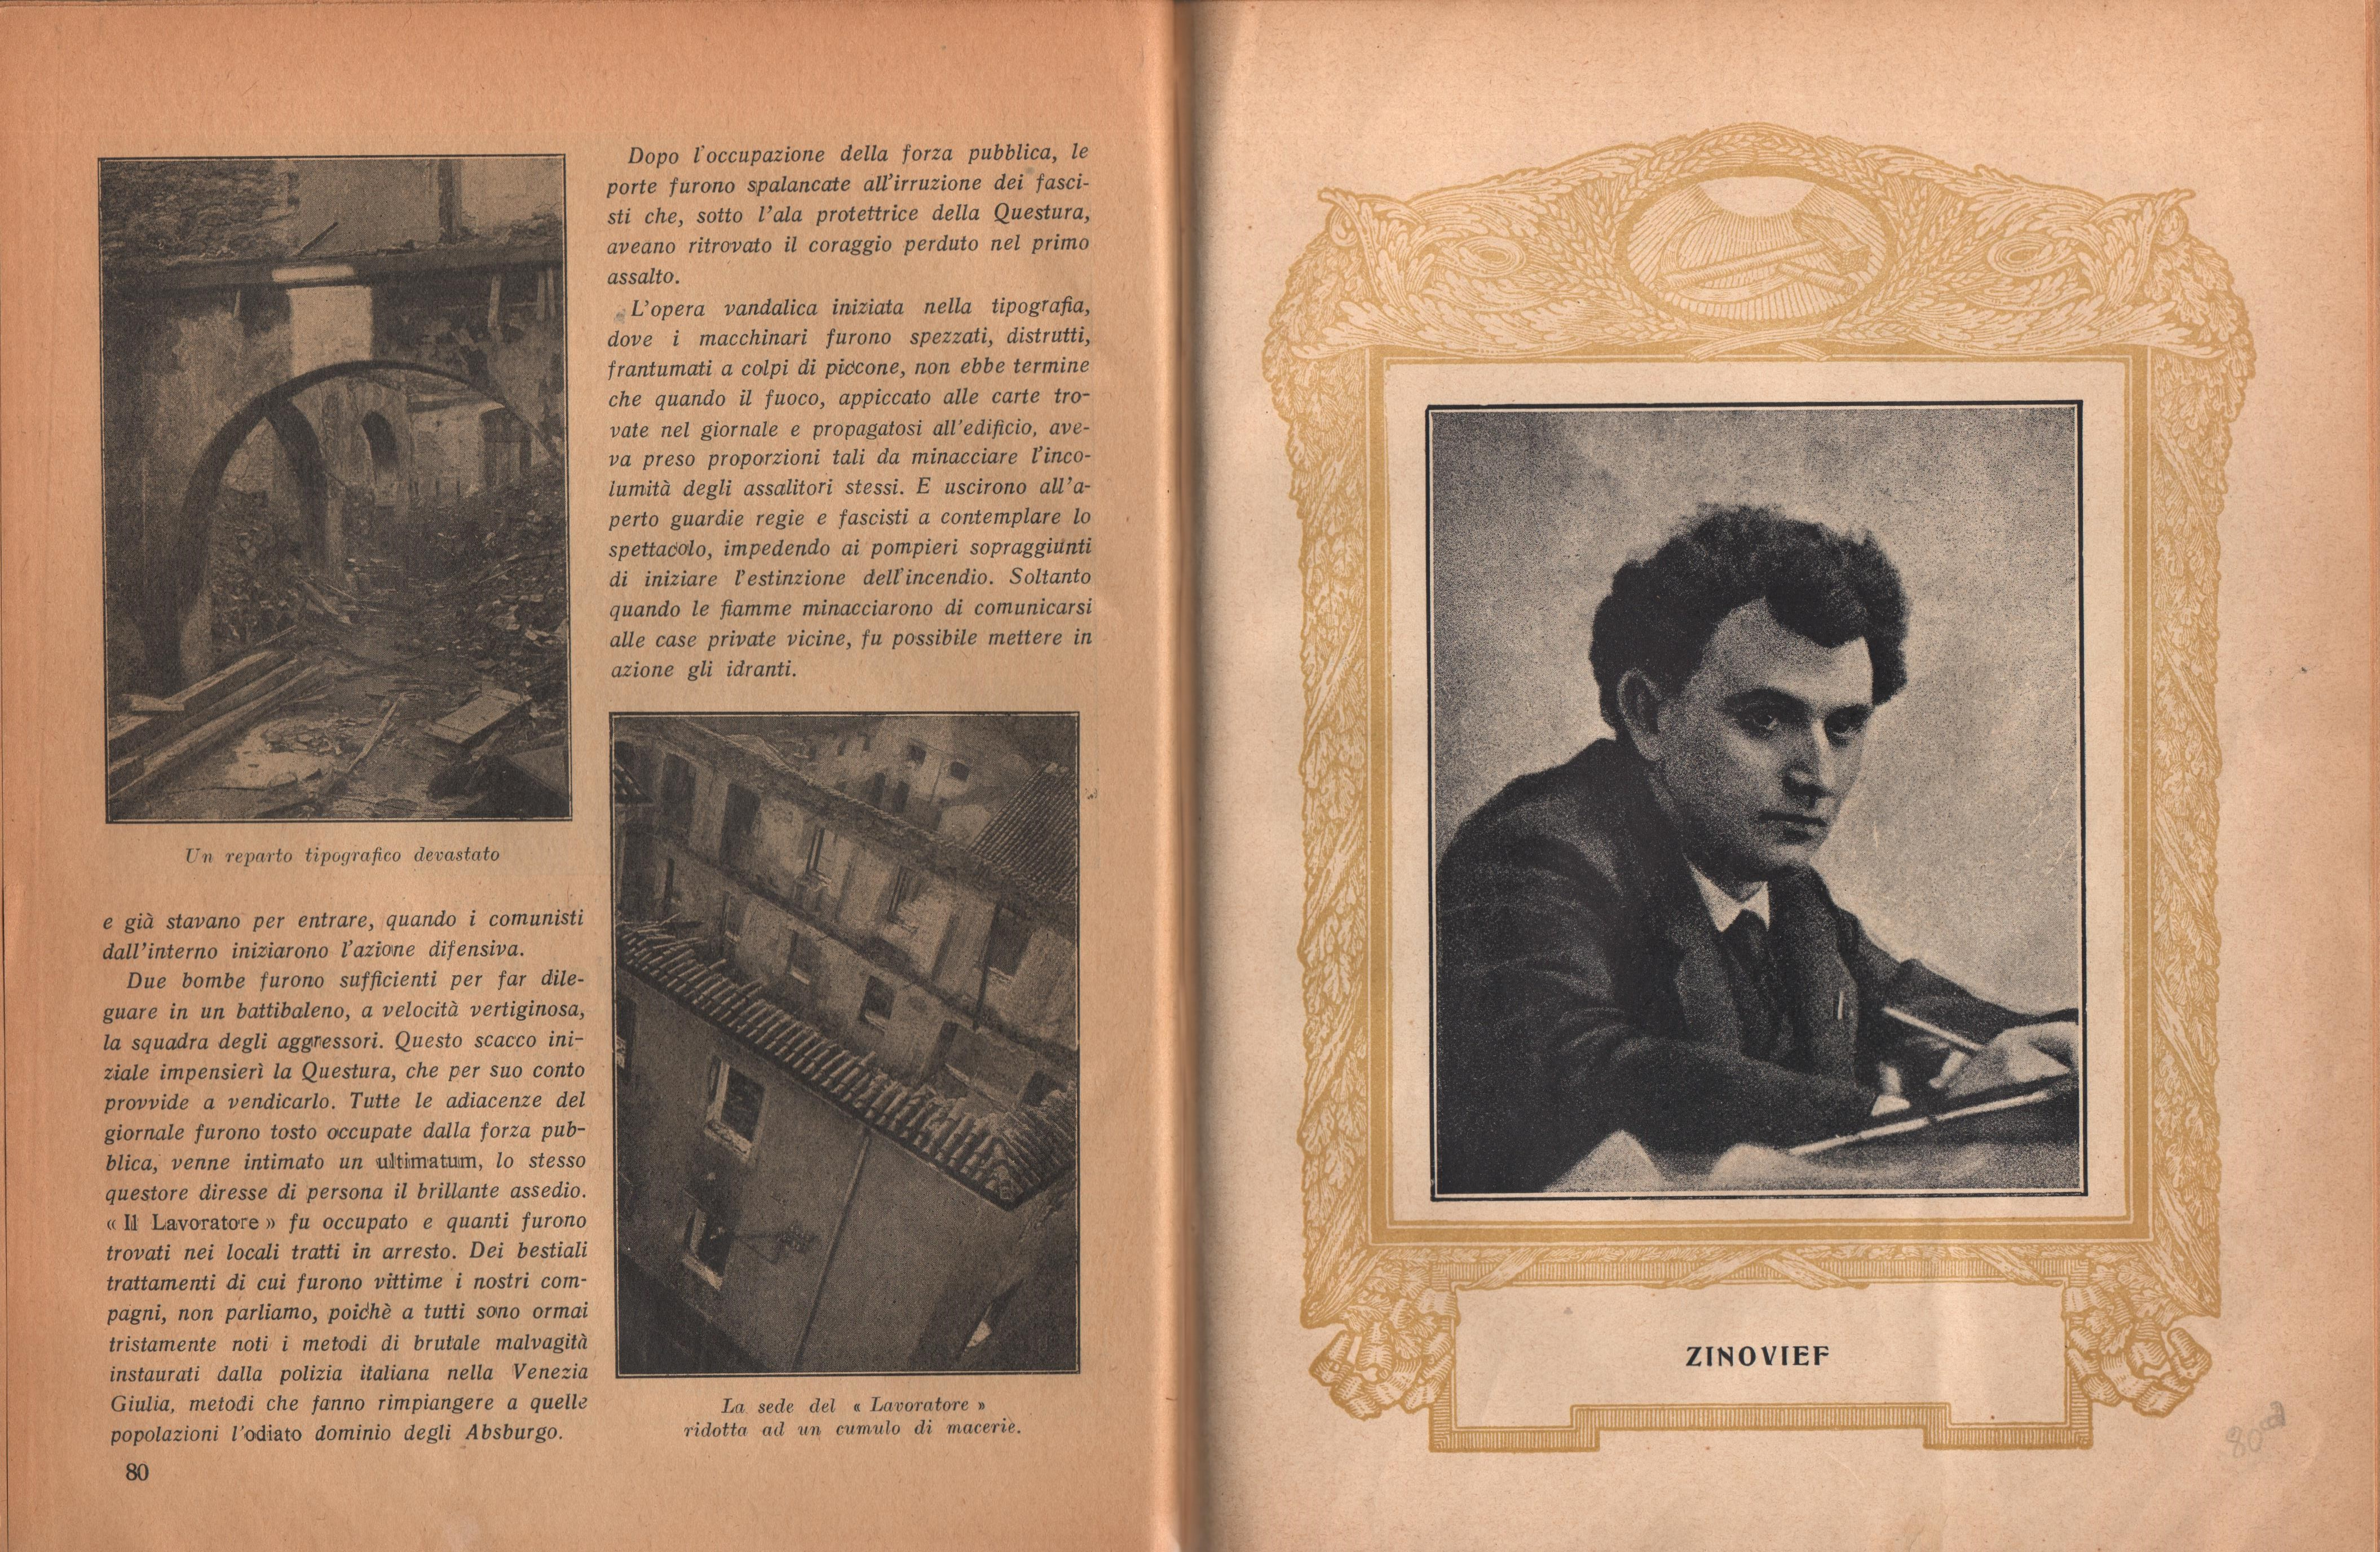 Almanacco comunista 1922 - pag. 48